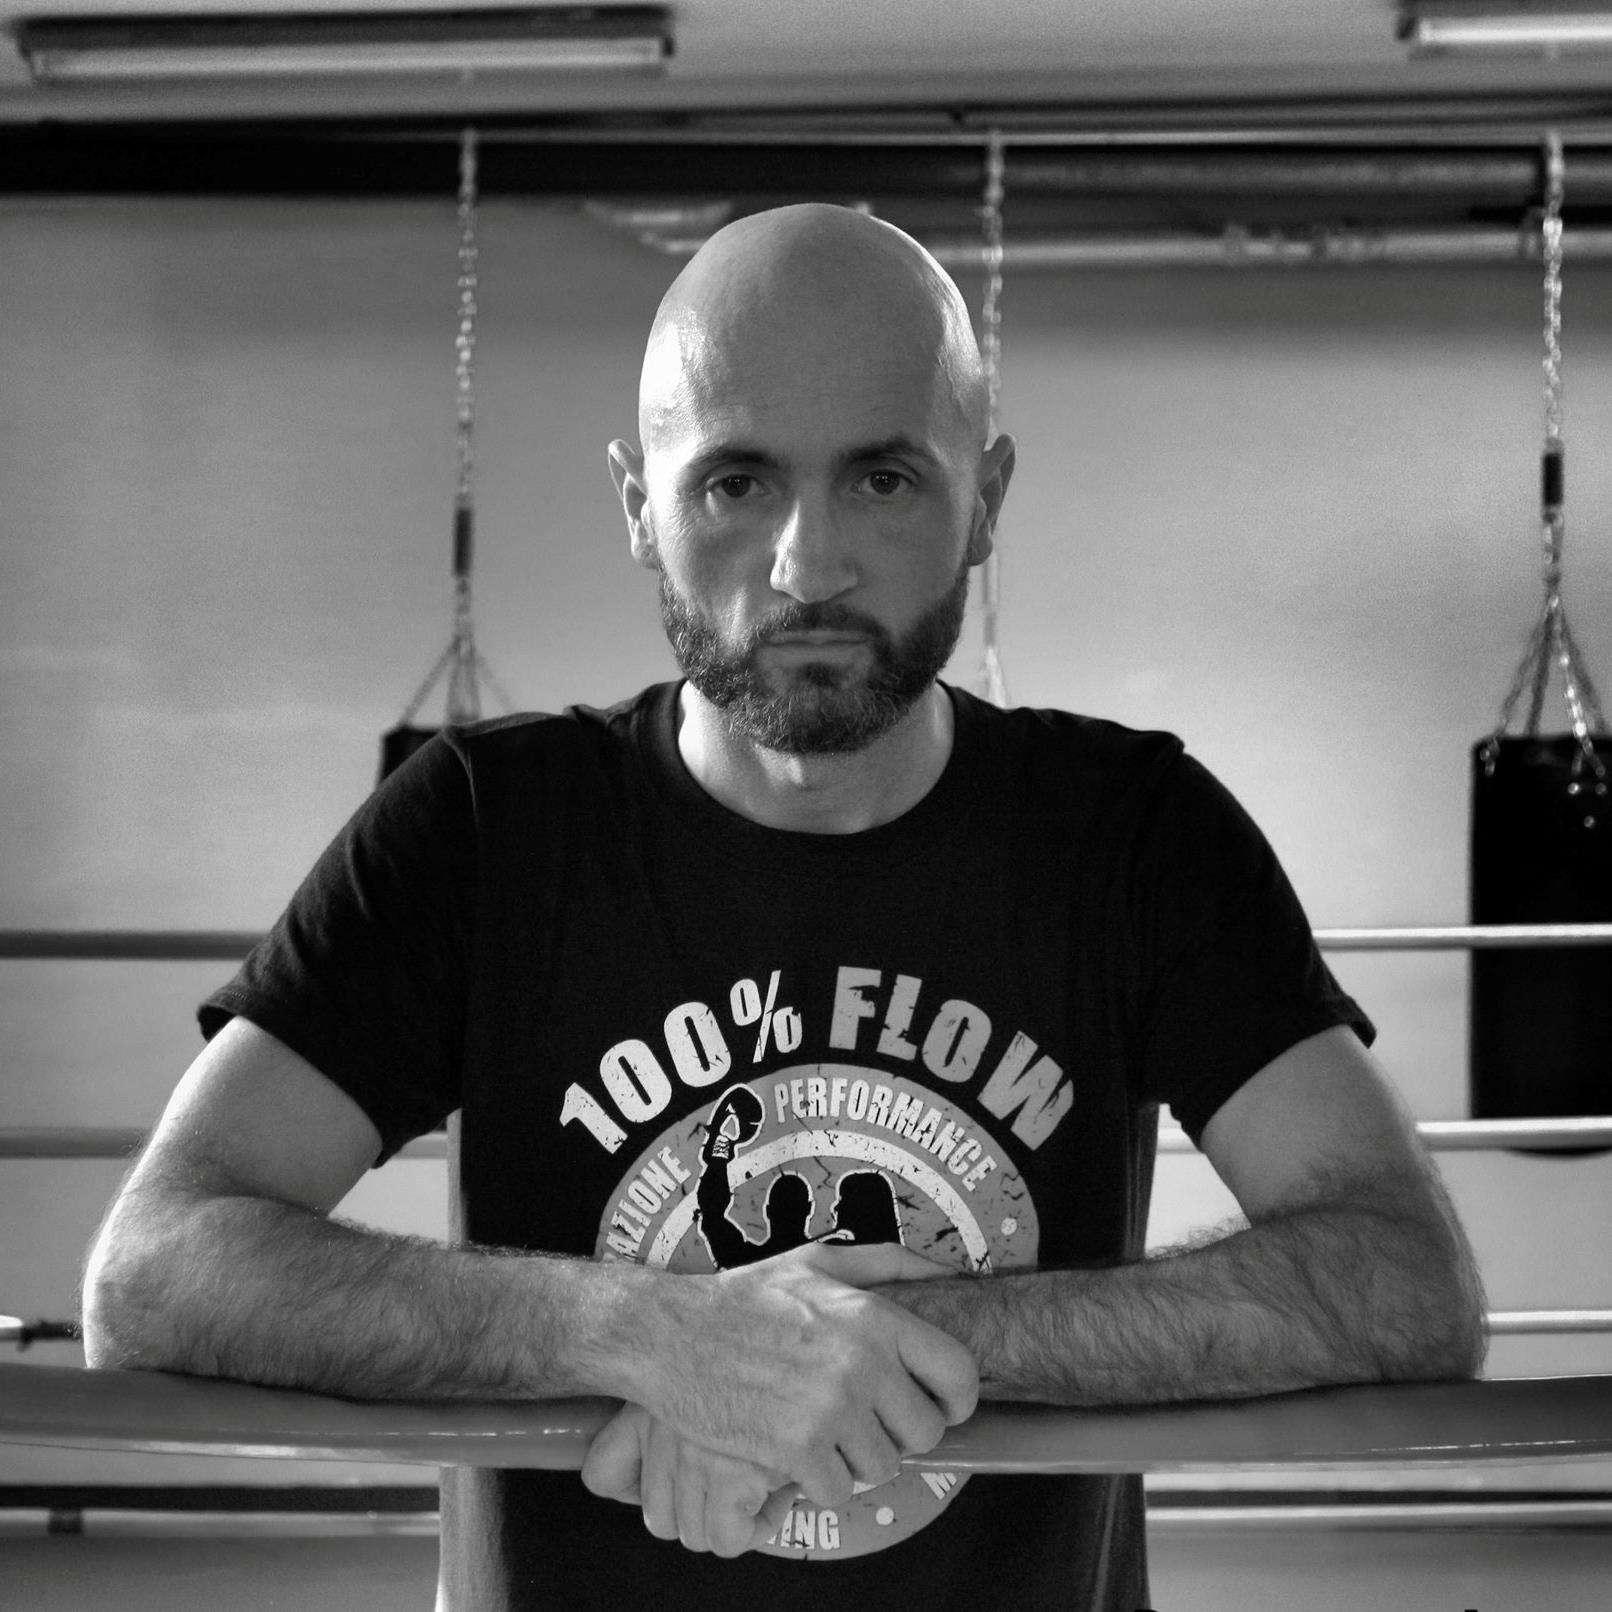 Emanuele Zanella - Raddoppia le tue performance